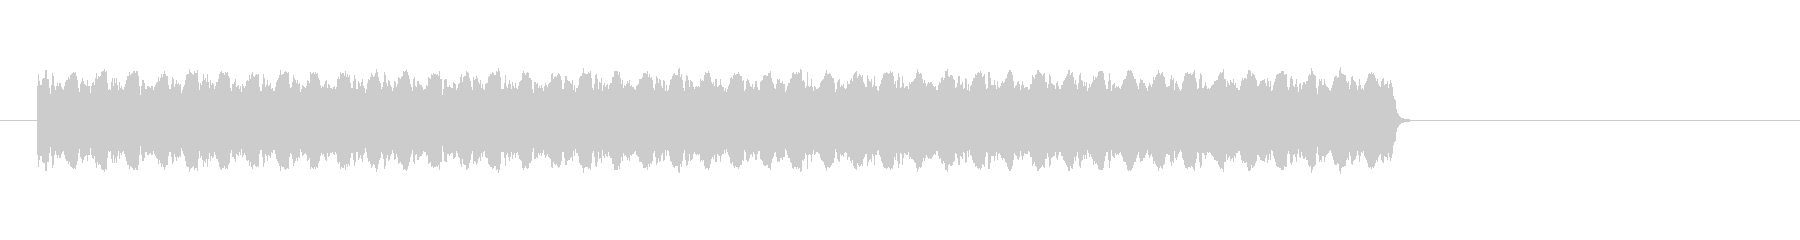 ビーム・光線の発射音【SF・戦隊もの】の未再生の波形